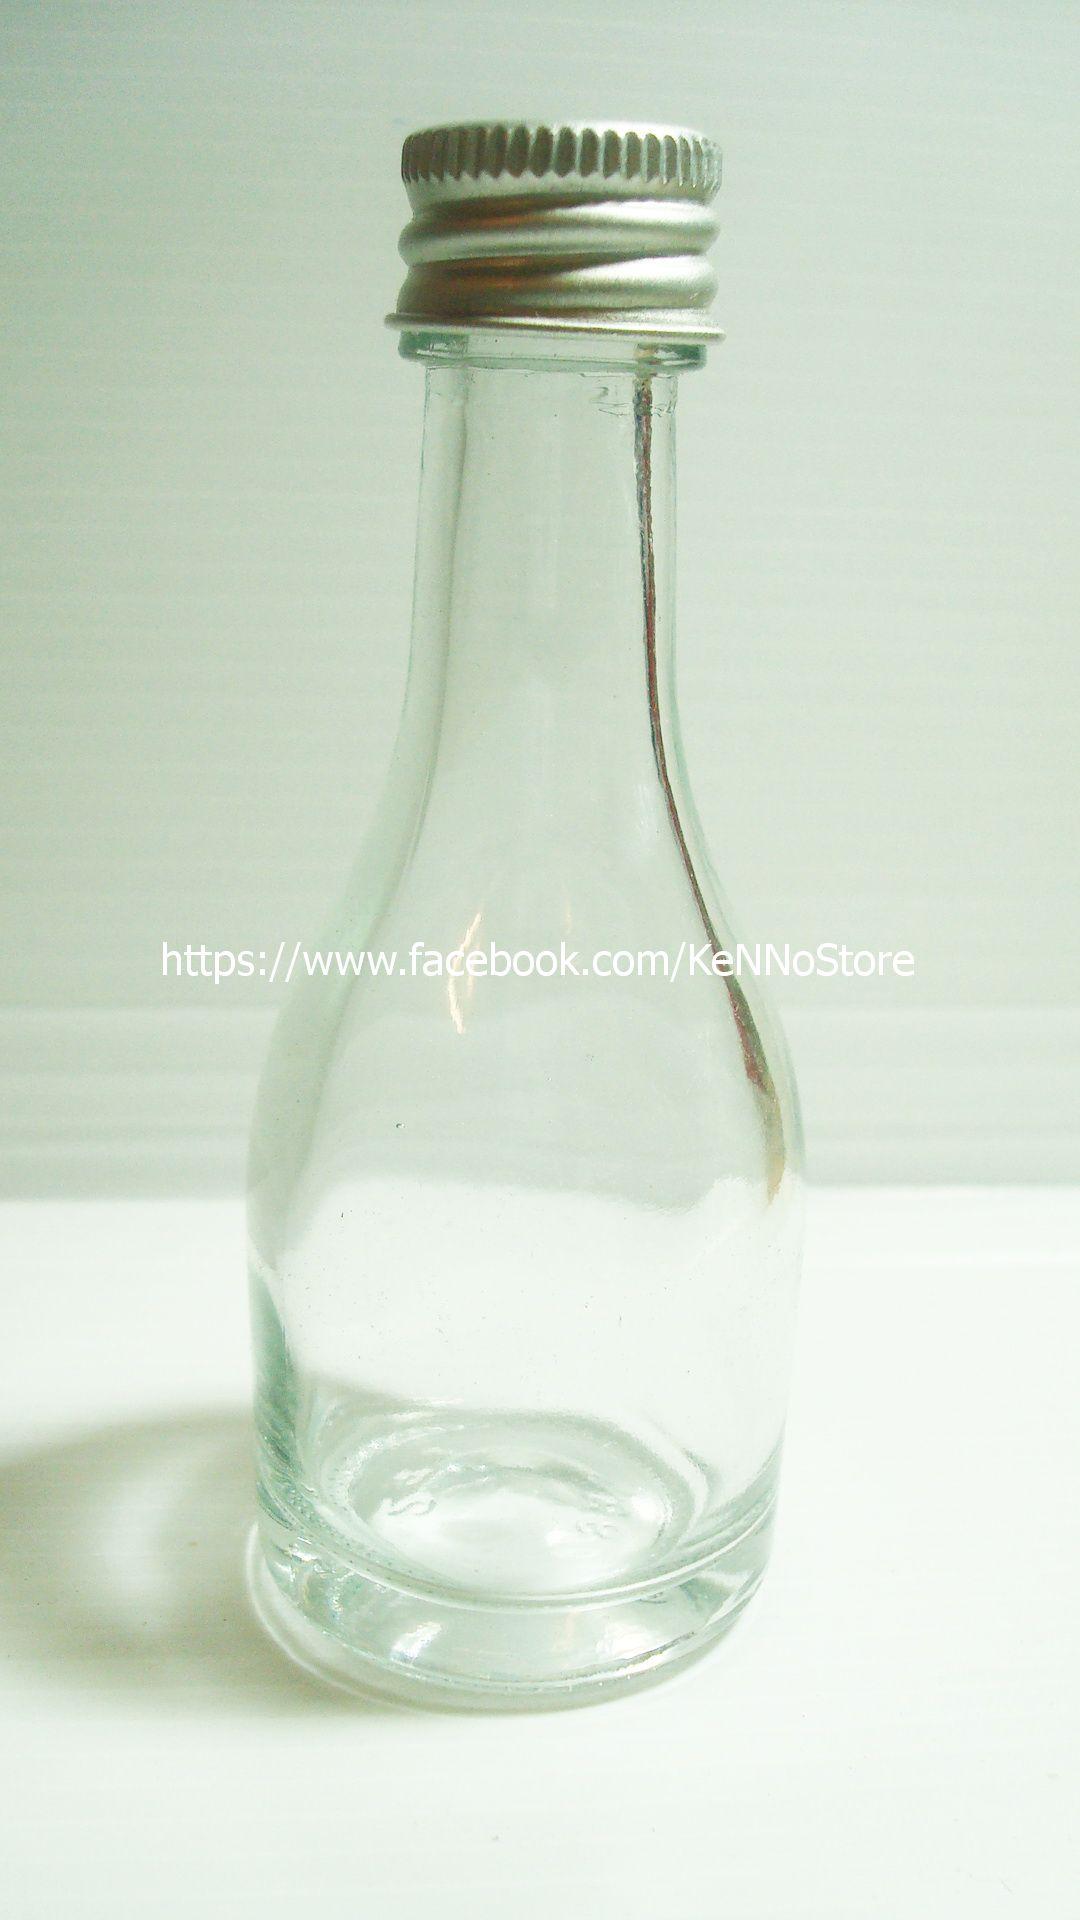 [BWB103] ขวดแก้วใสฝาเกลียวจุกใน 30cc ขวดเหล้า